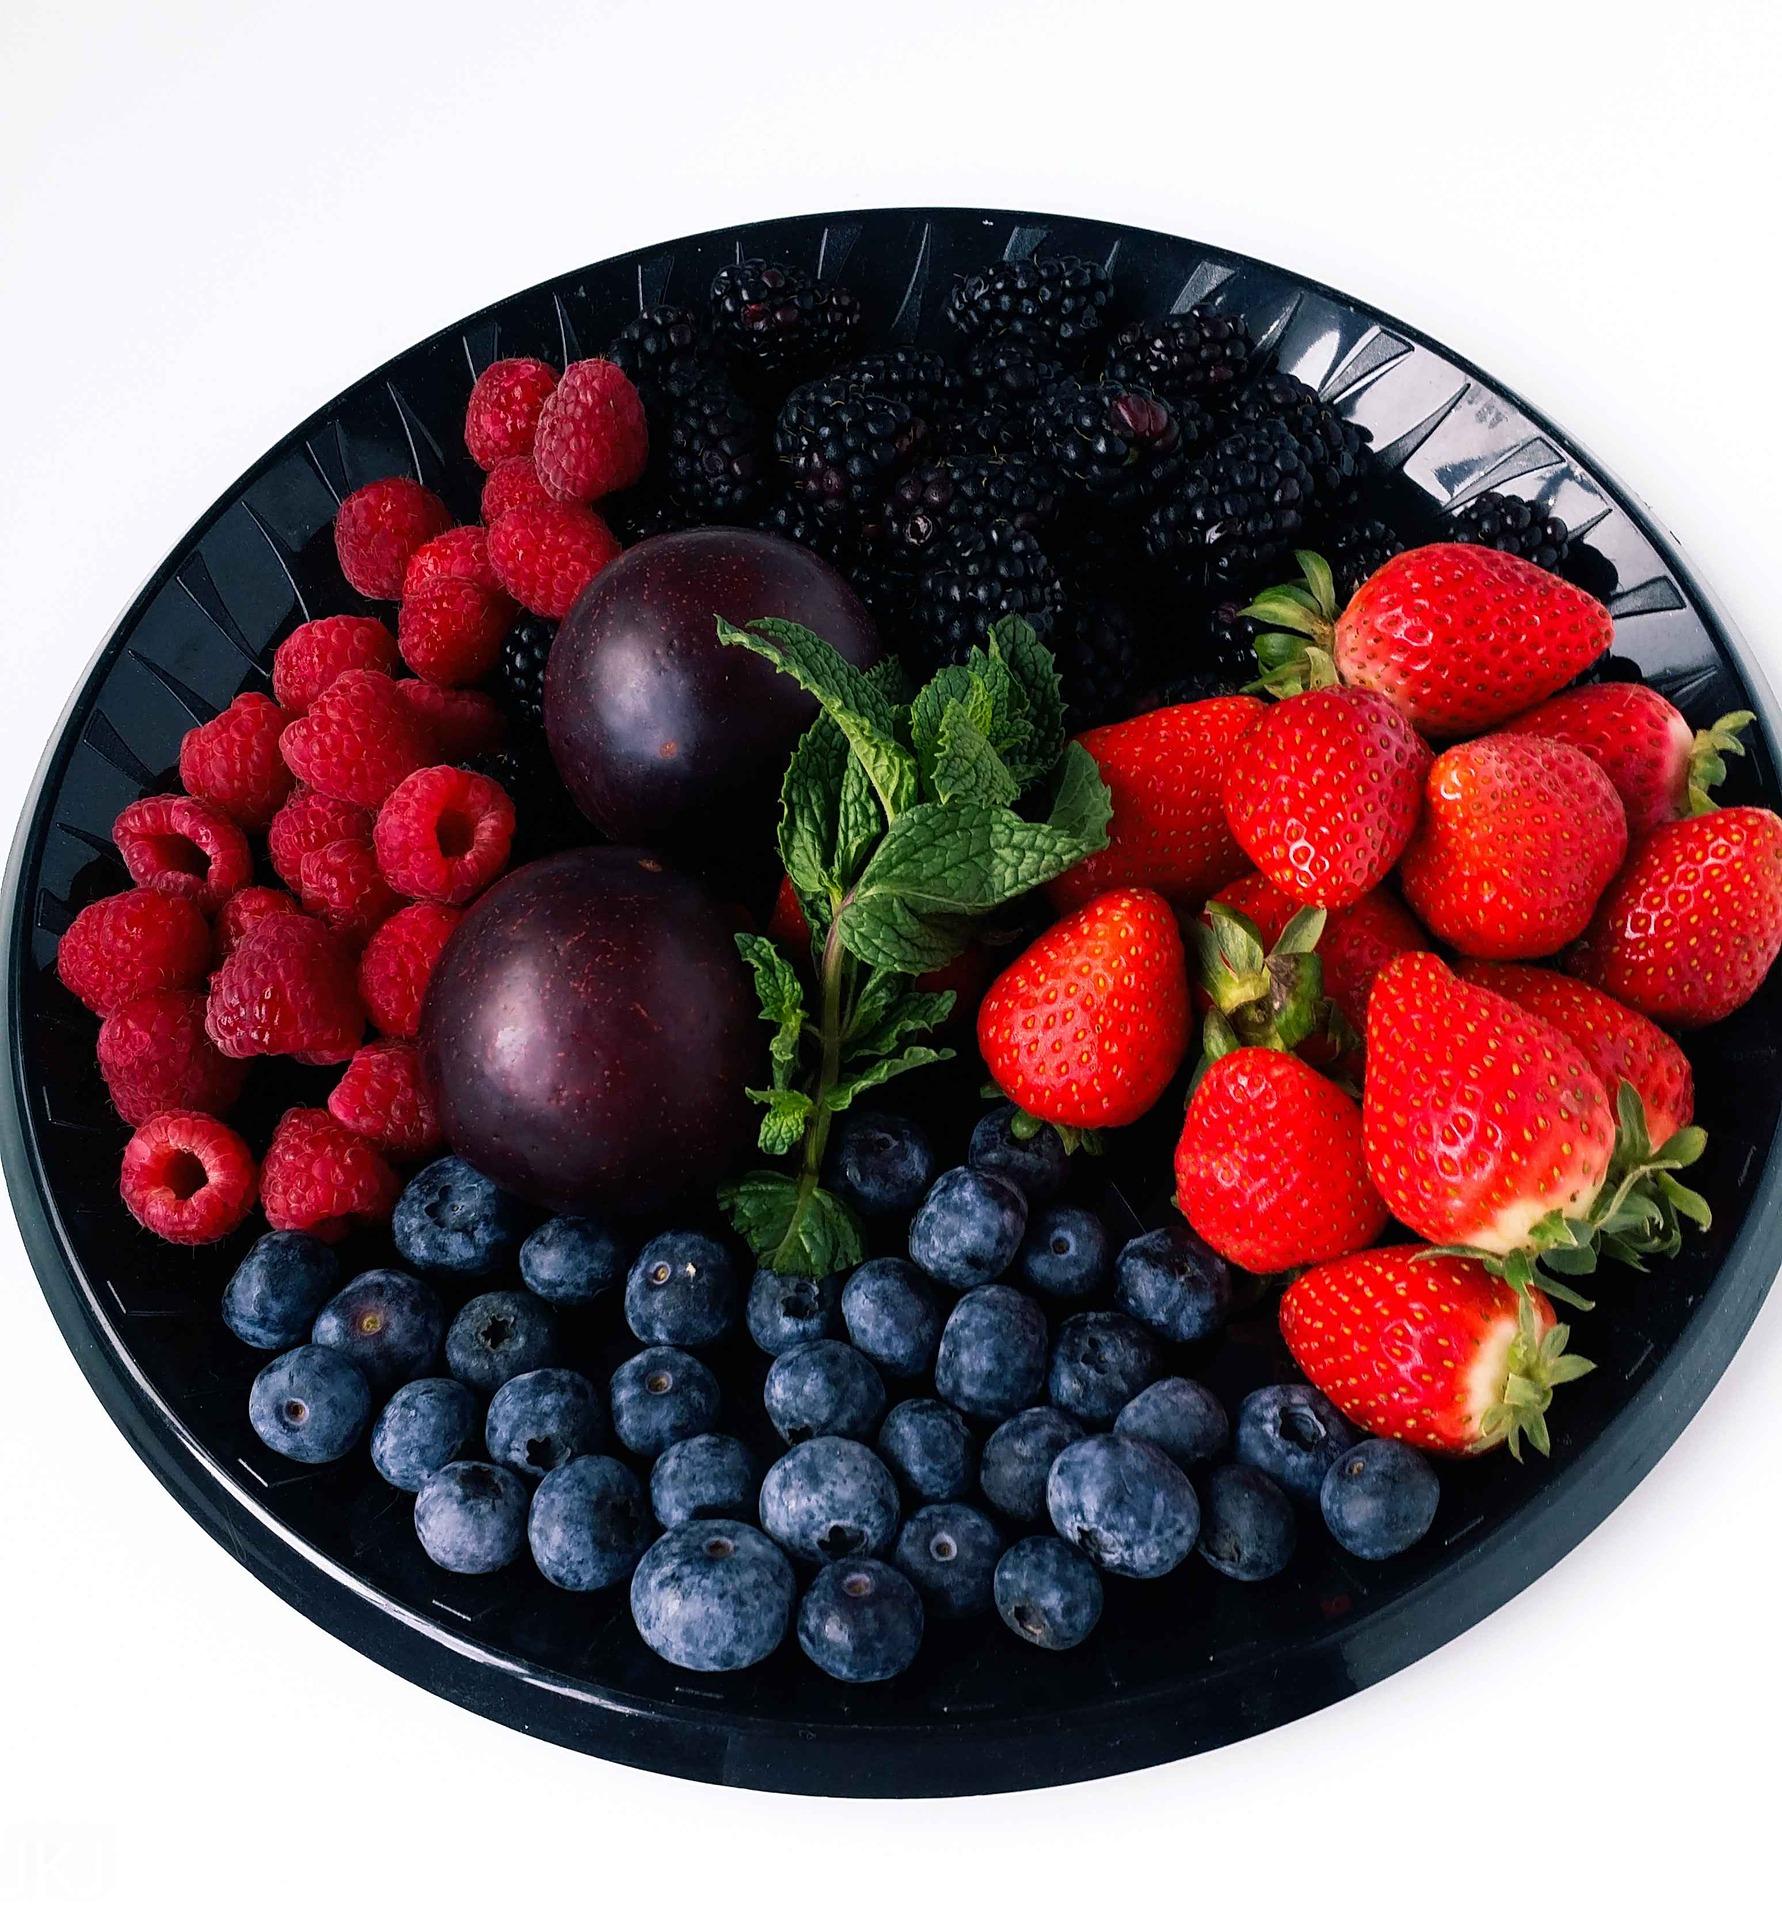 fruit-platter-3582431_1920.jpg